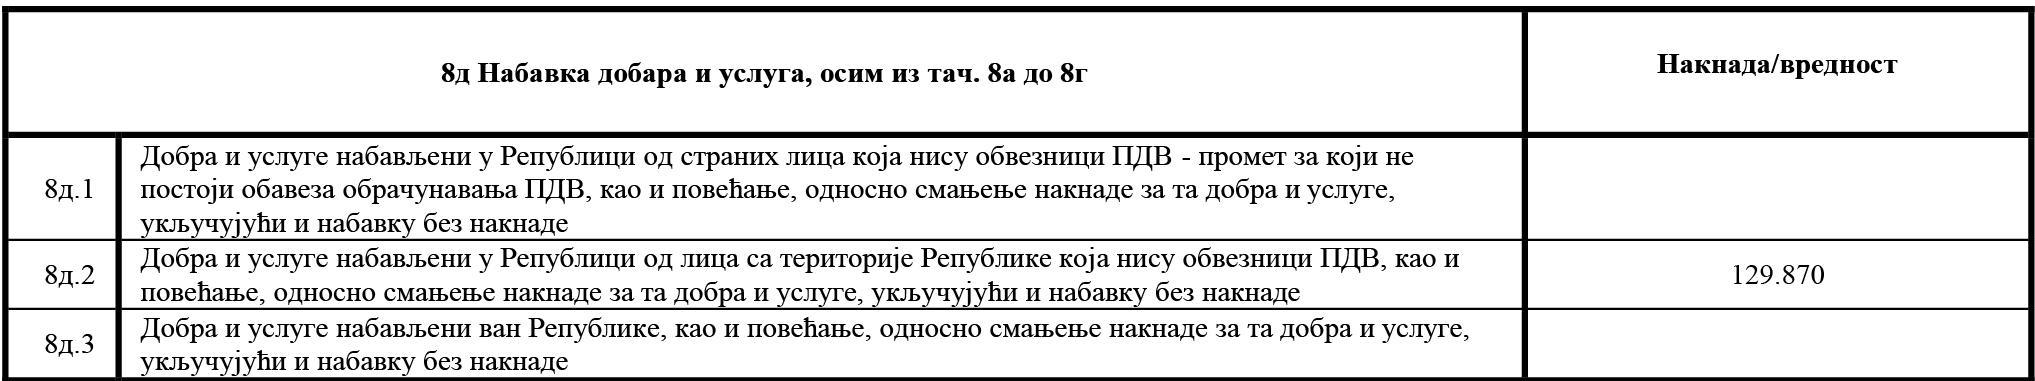 uputstvo PU obrazac POPDV primer 116